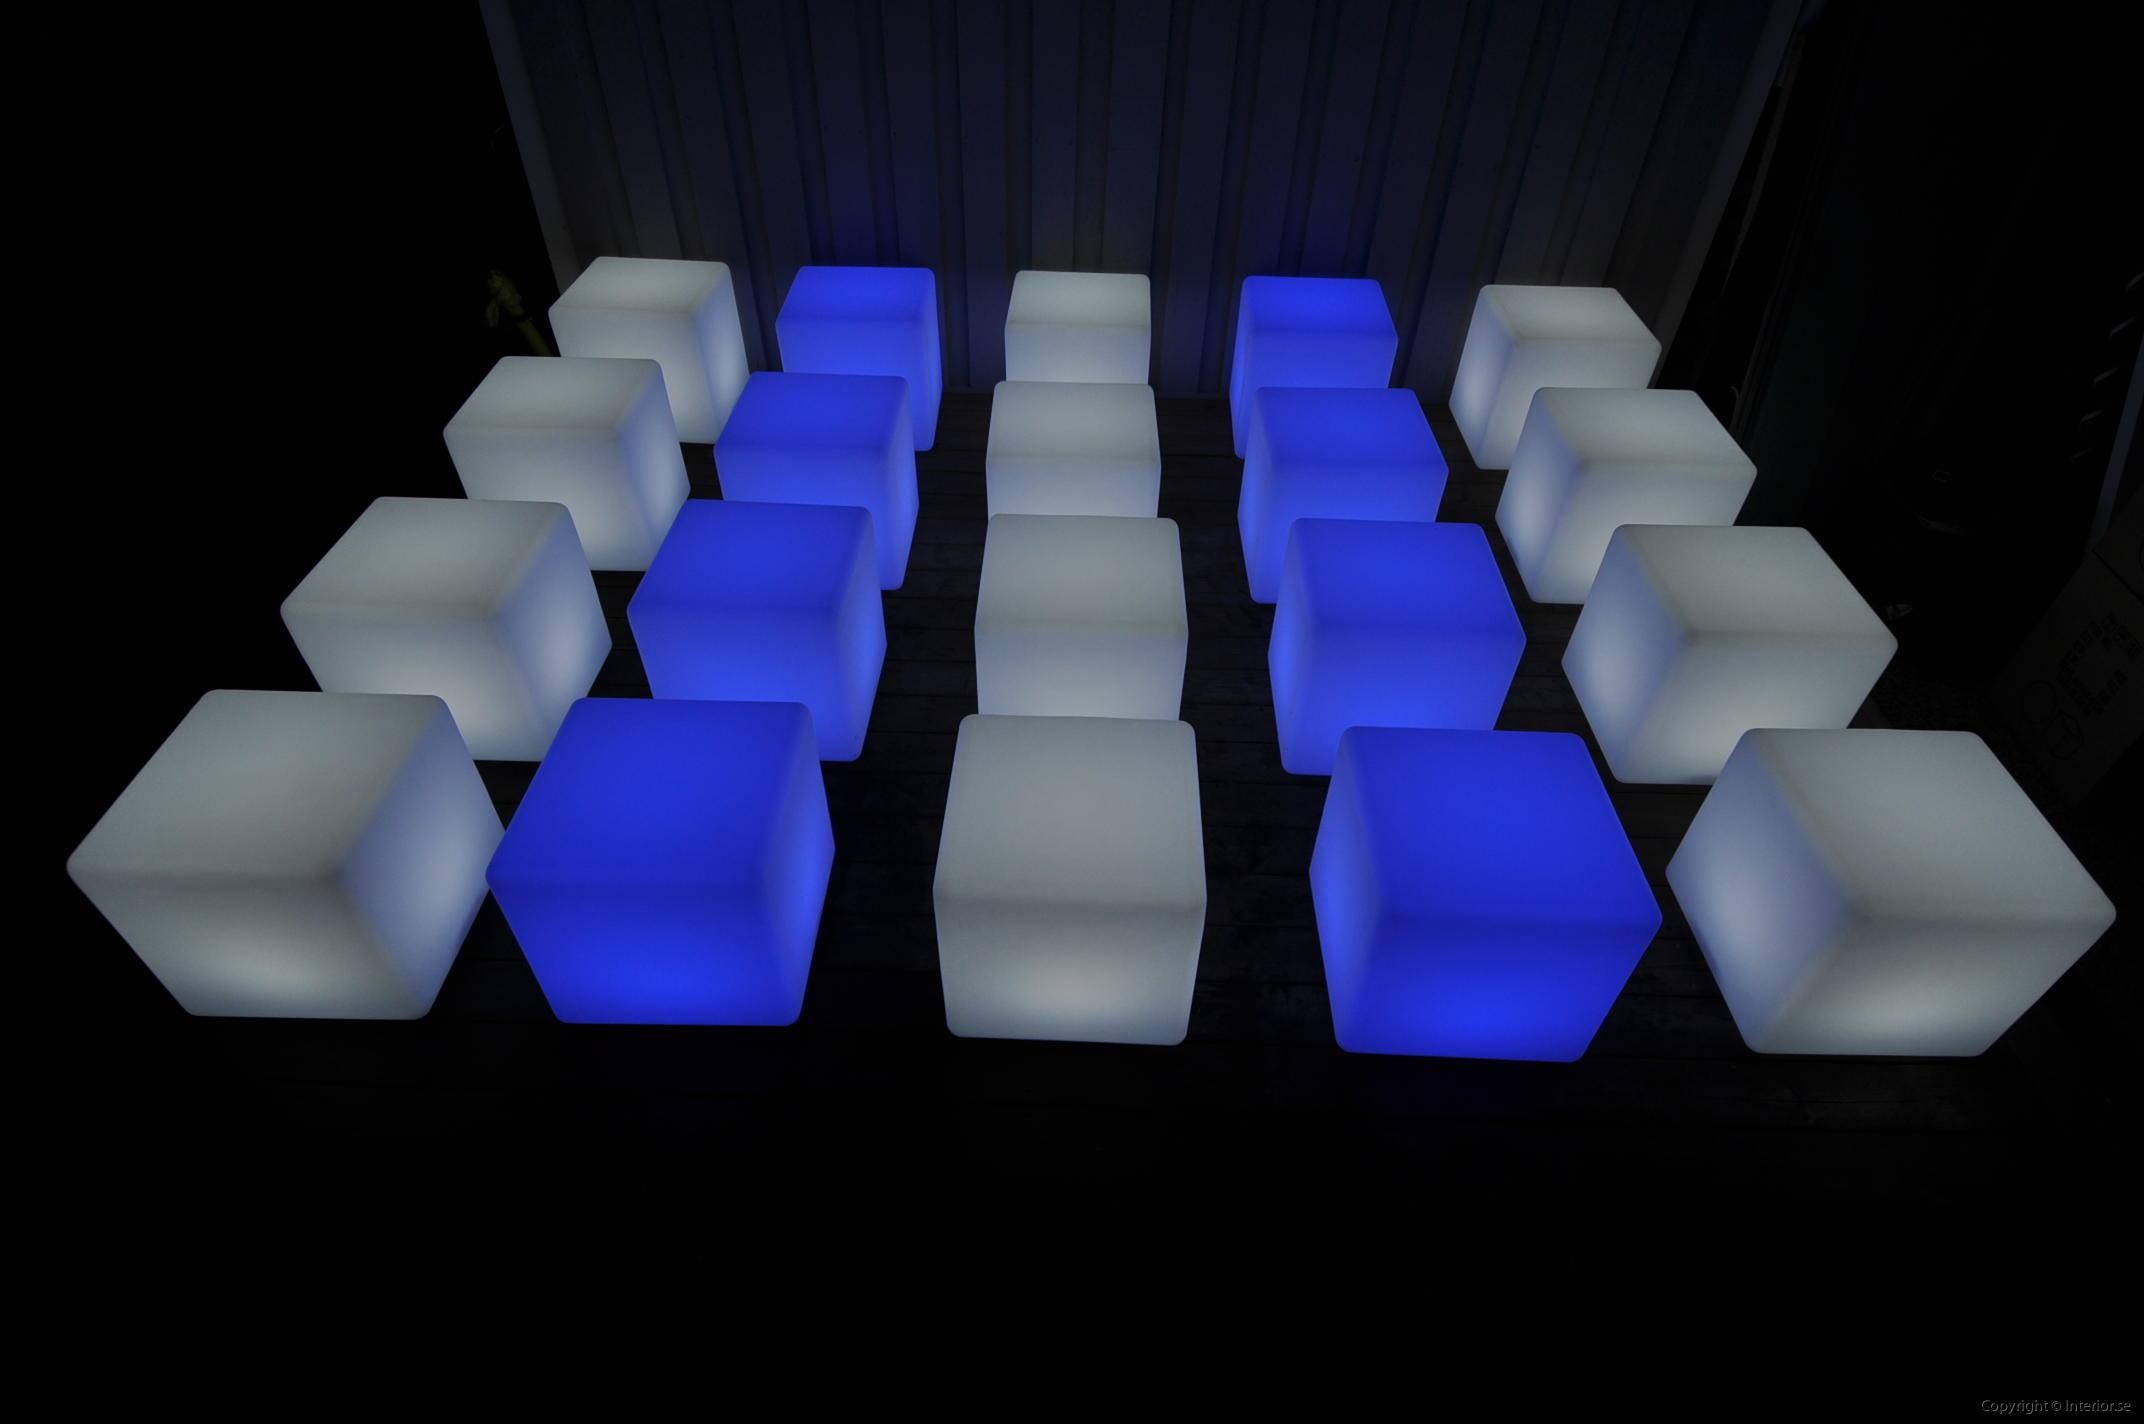 Hyra led möbler ledmöbler stockholm event möbler hyr möbler stockholm event led furniture hire stockholm (8)